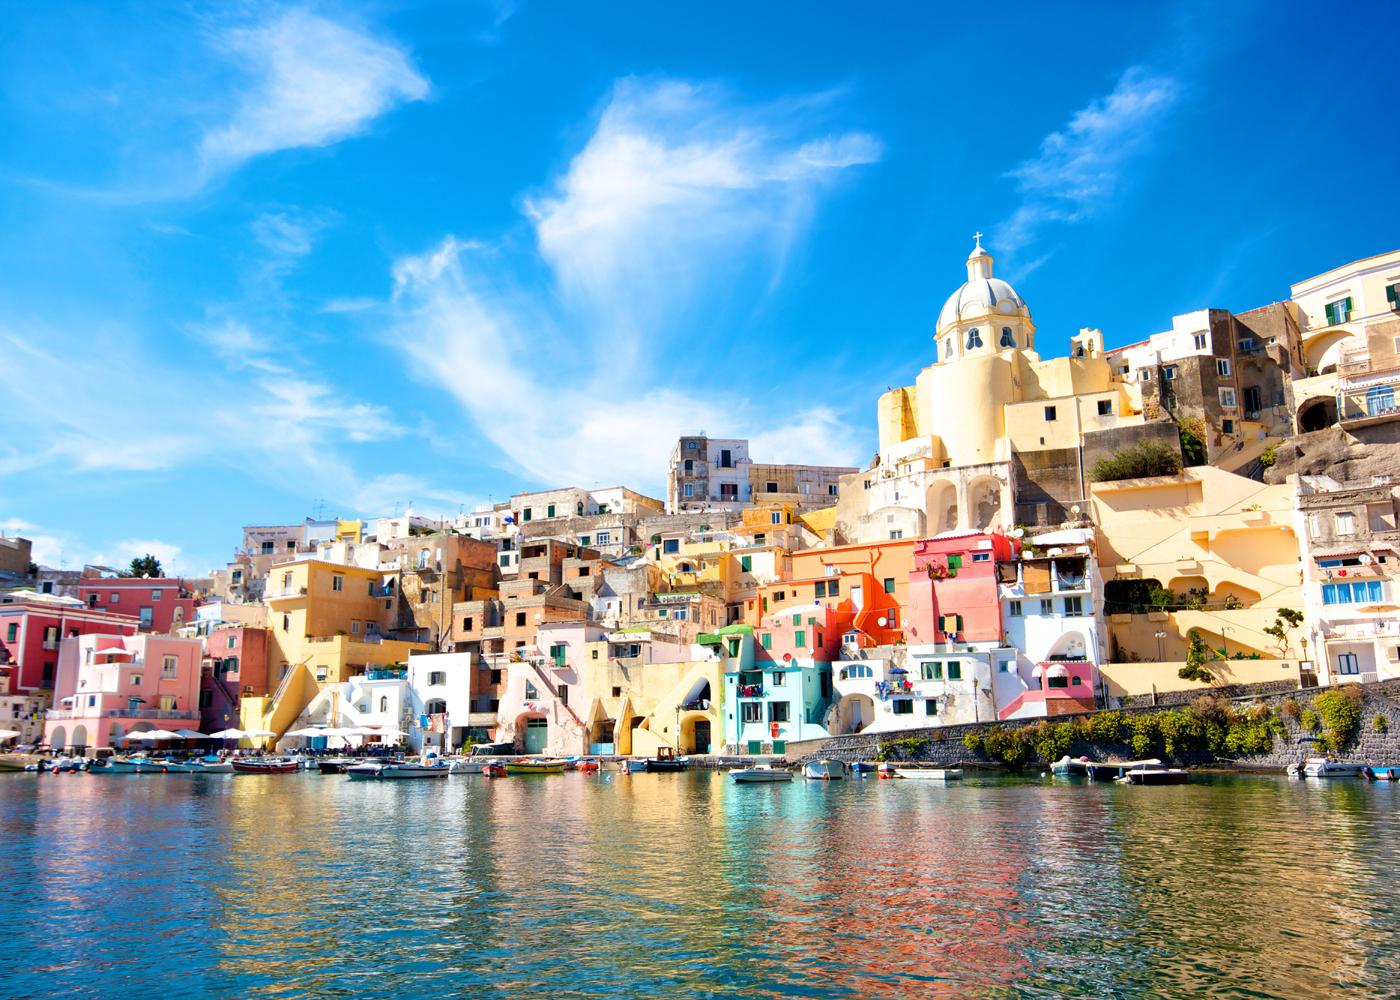 Тур в Італію. Тірренське узбережжя + Рим, Флоренція і Венеція!